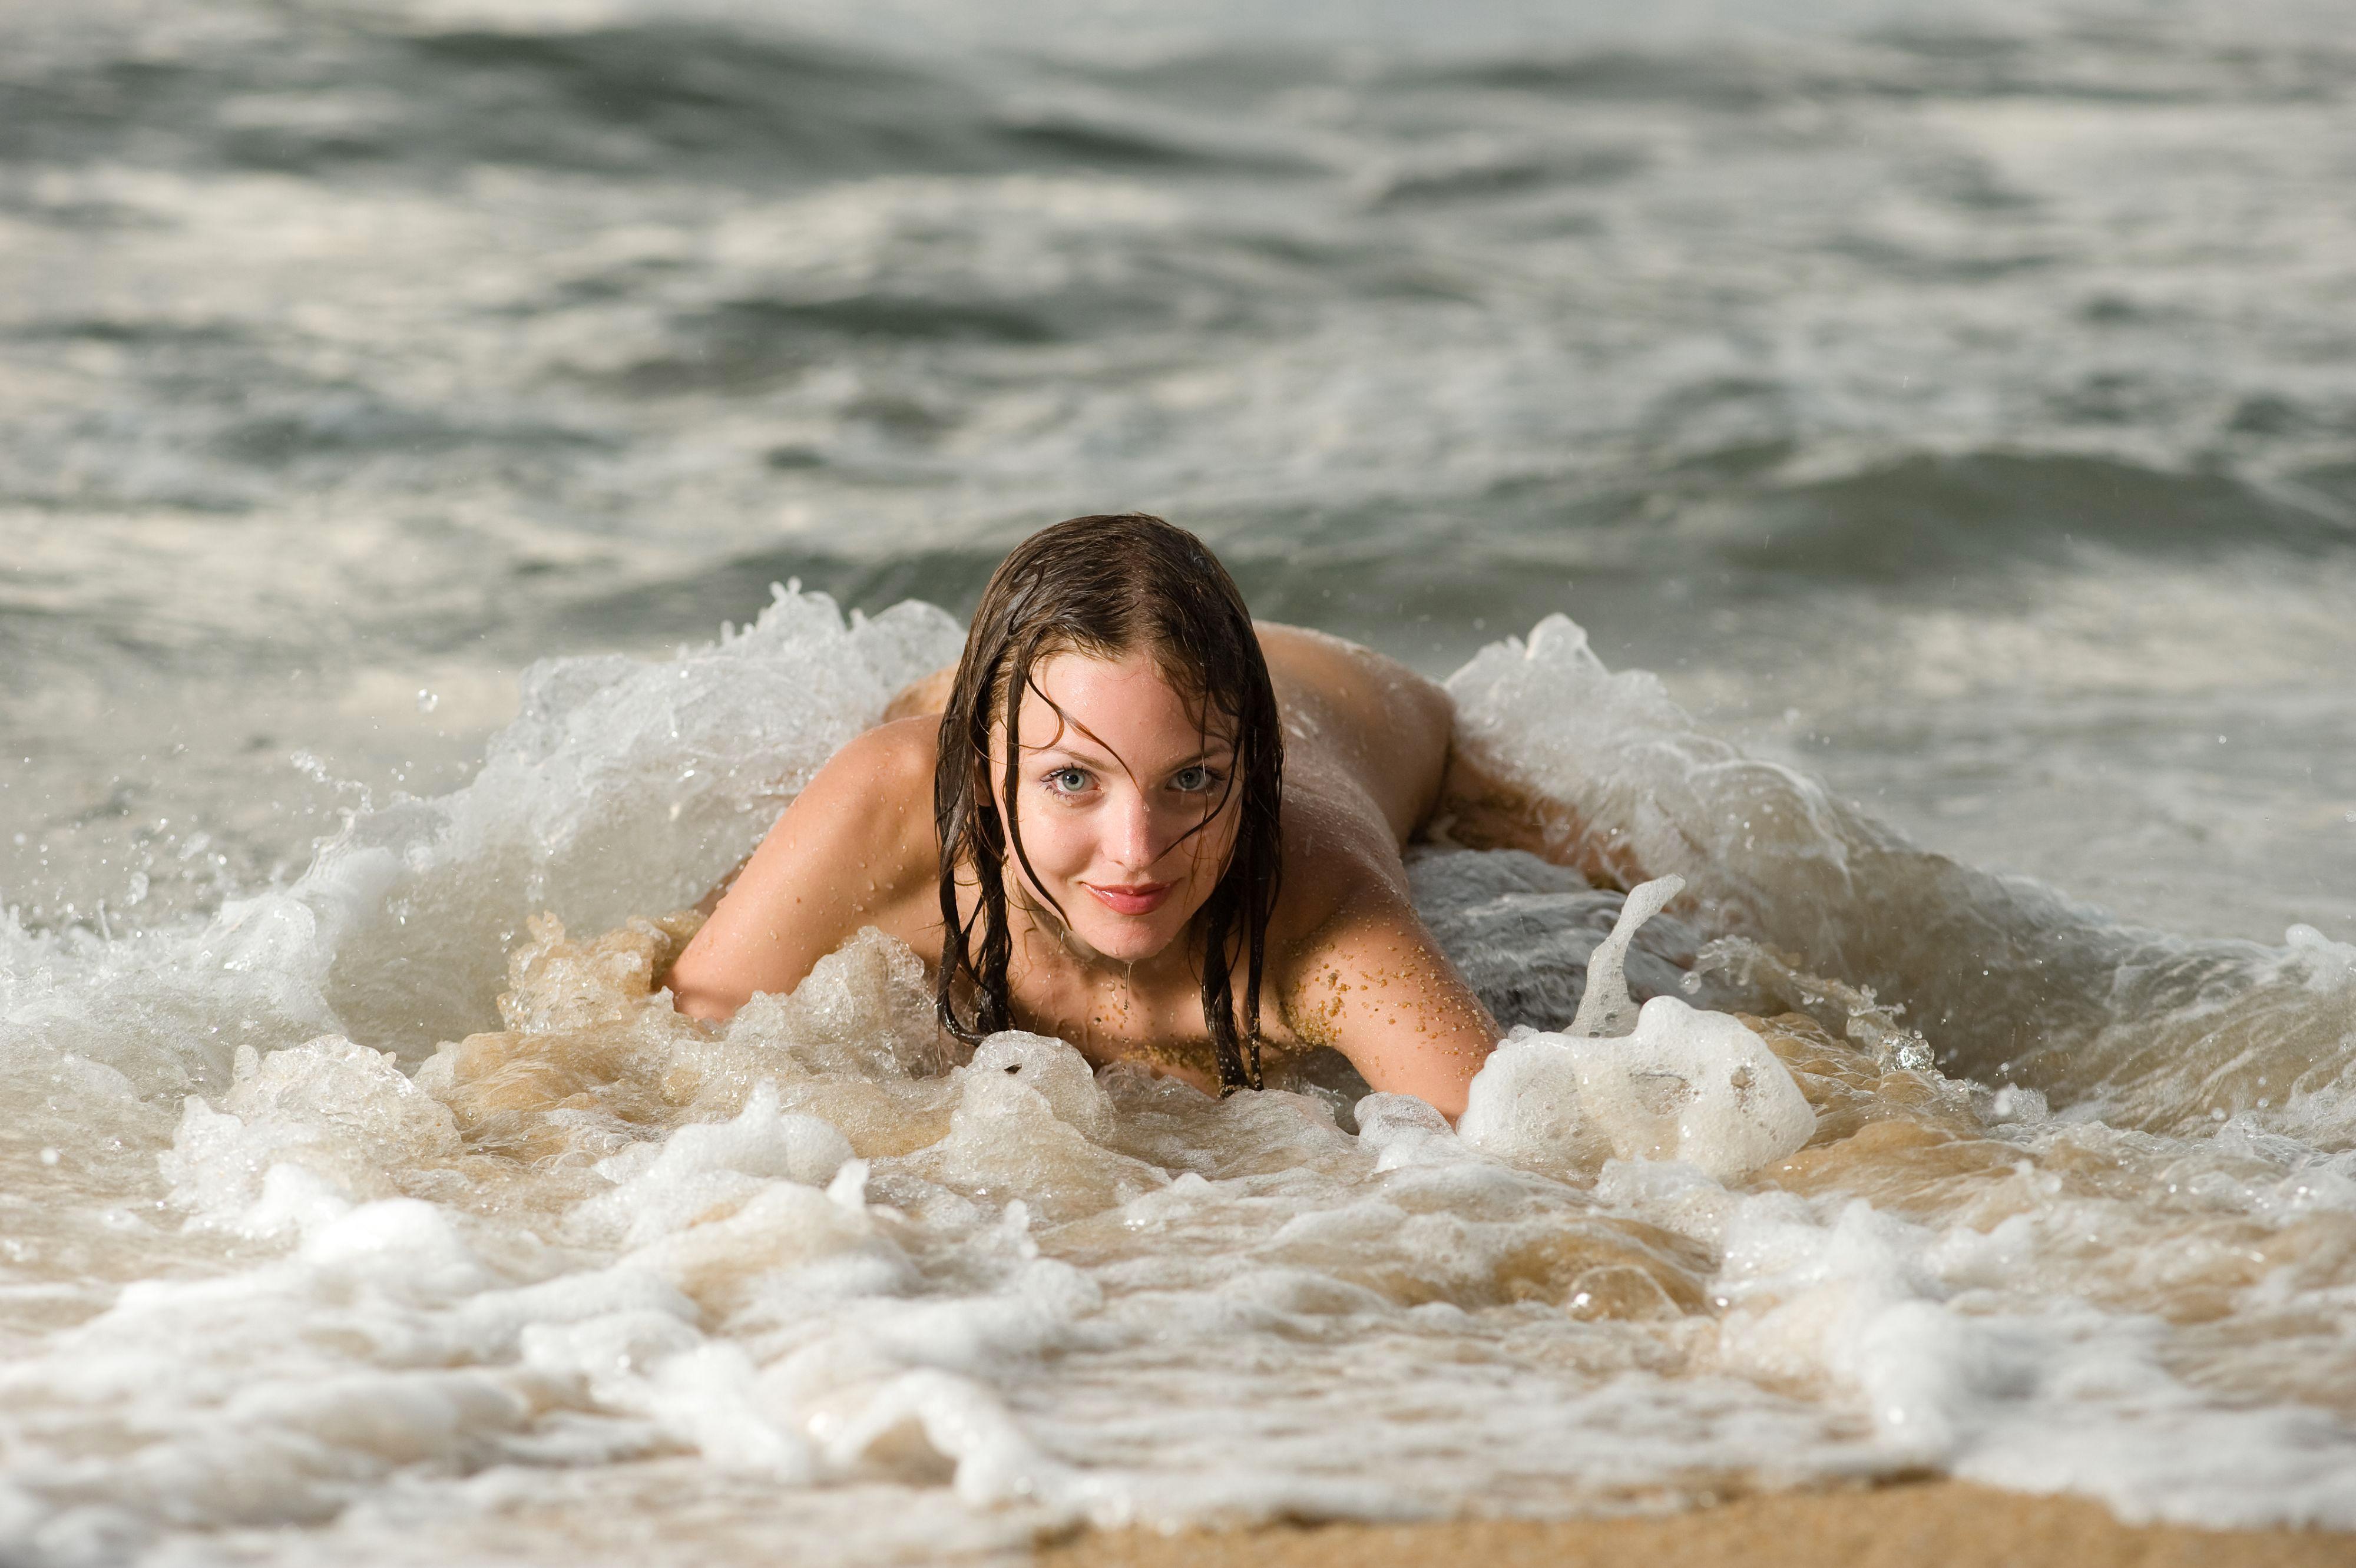 Телочки купаются в озере, Девки купаются на речке голые -видео. Смотреть 14 фотография